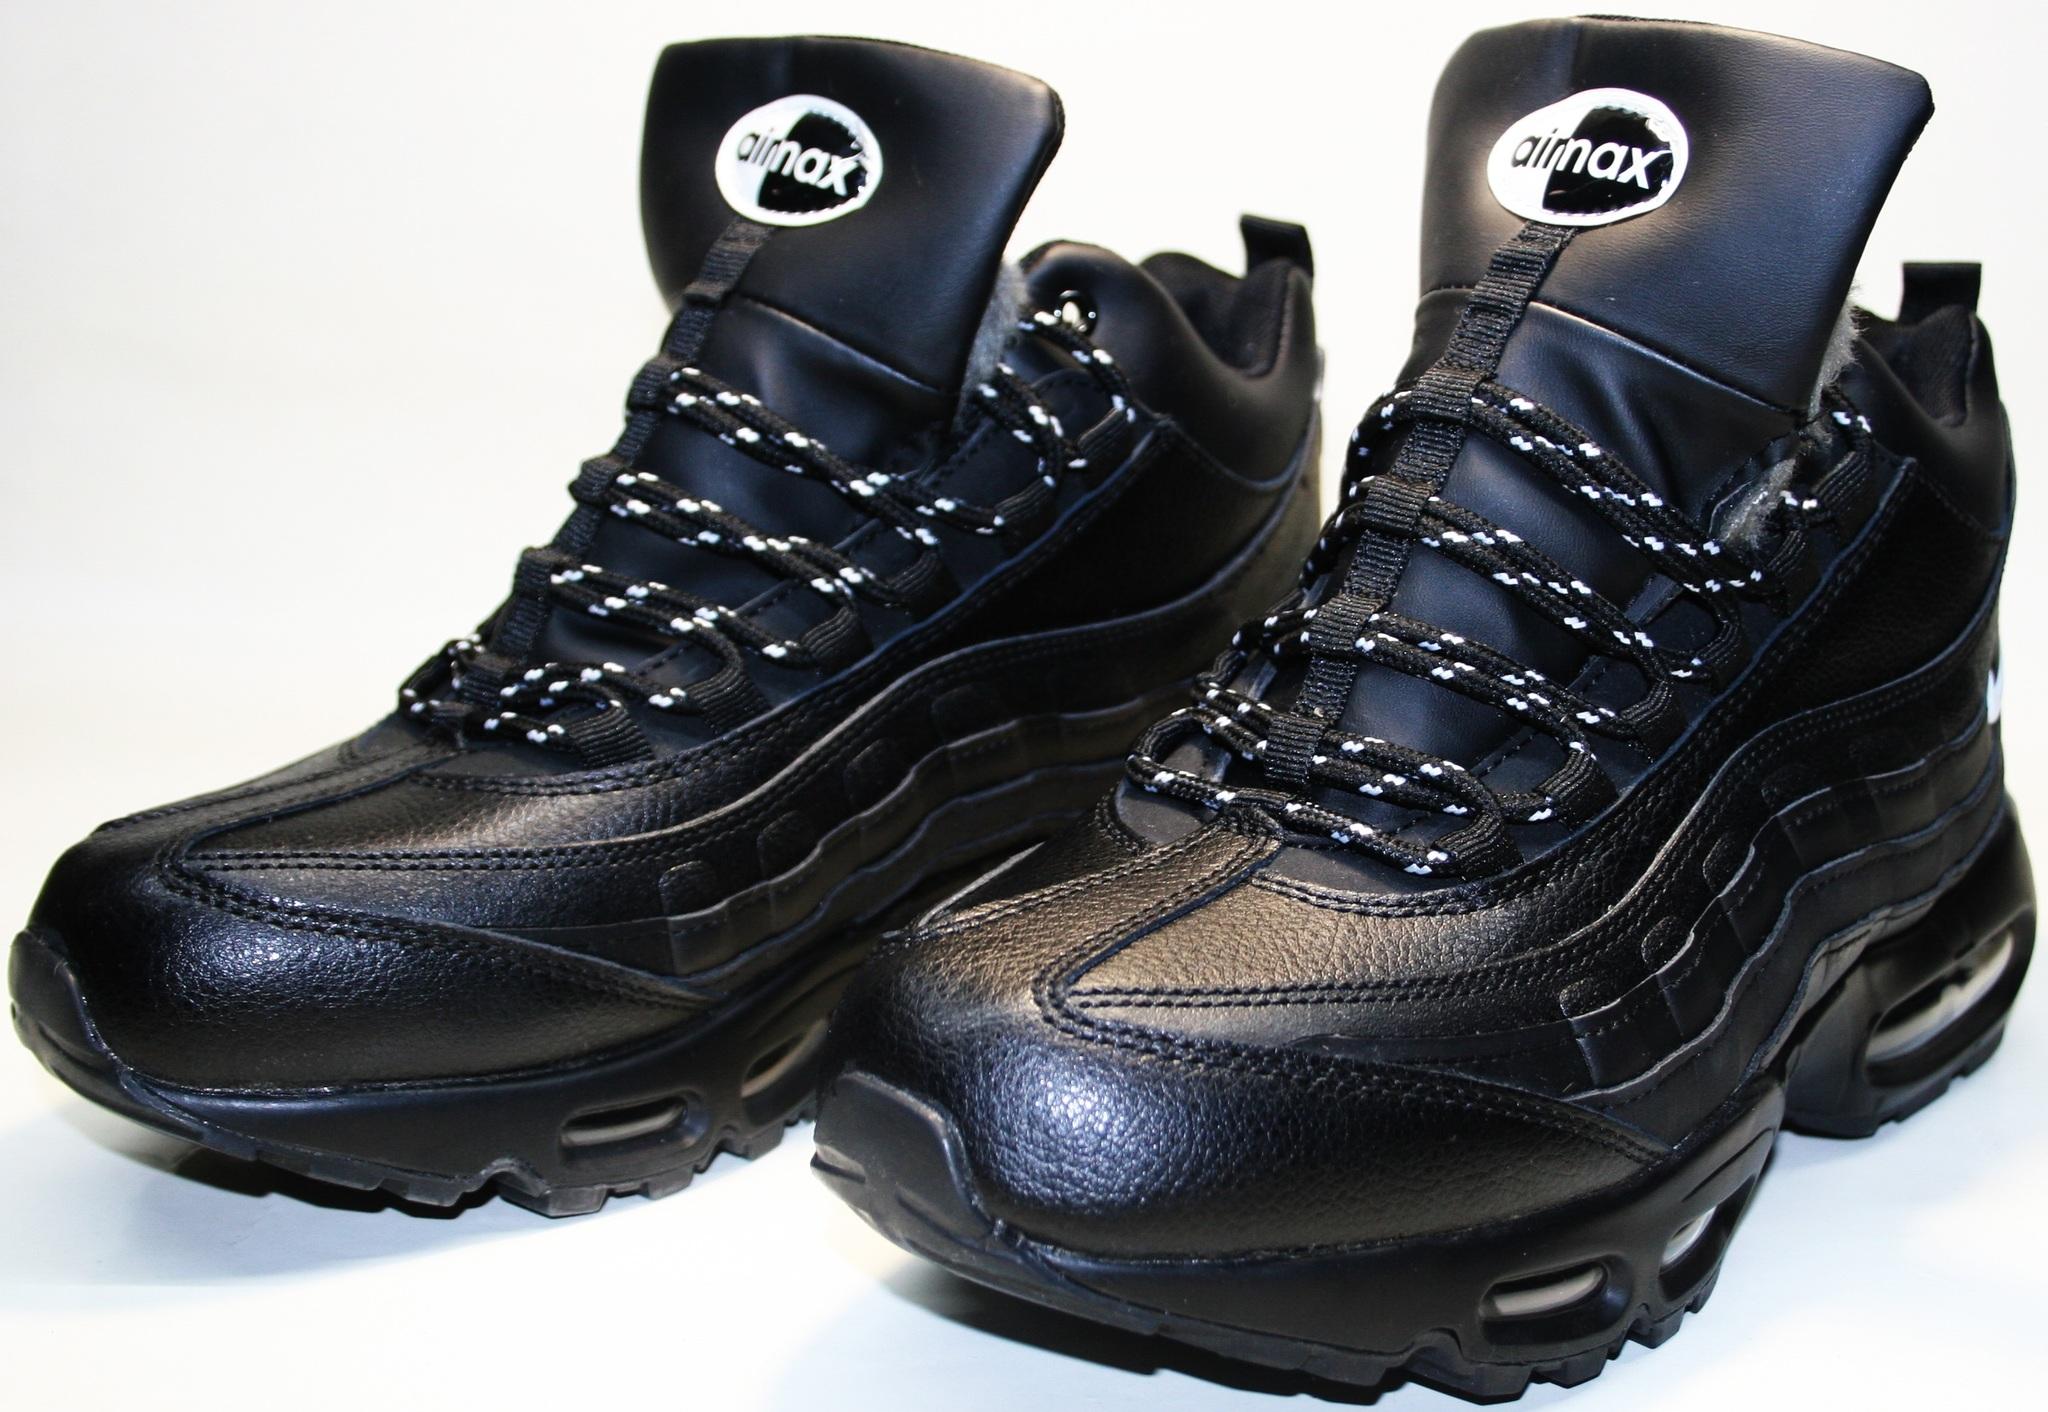 b28e9f7b Кроссовки зимние мужские Nike Air Max 95 All Black с мехом от 2tufli ...